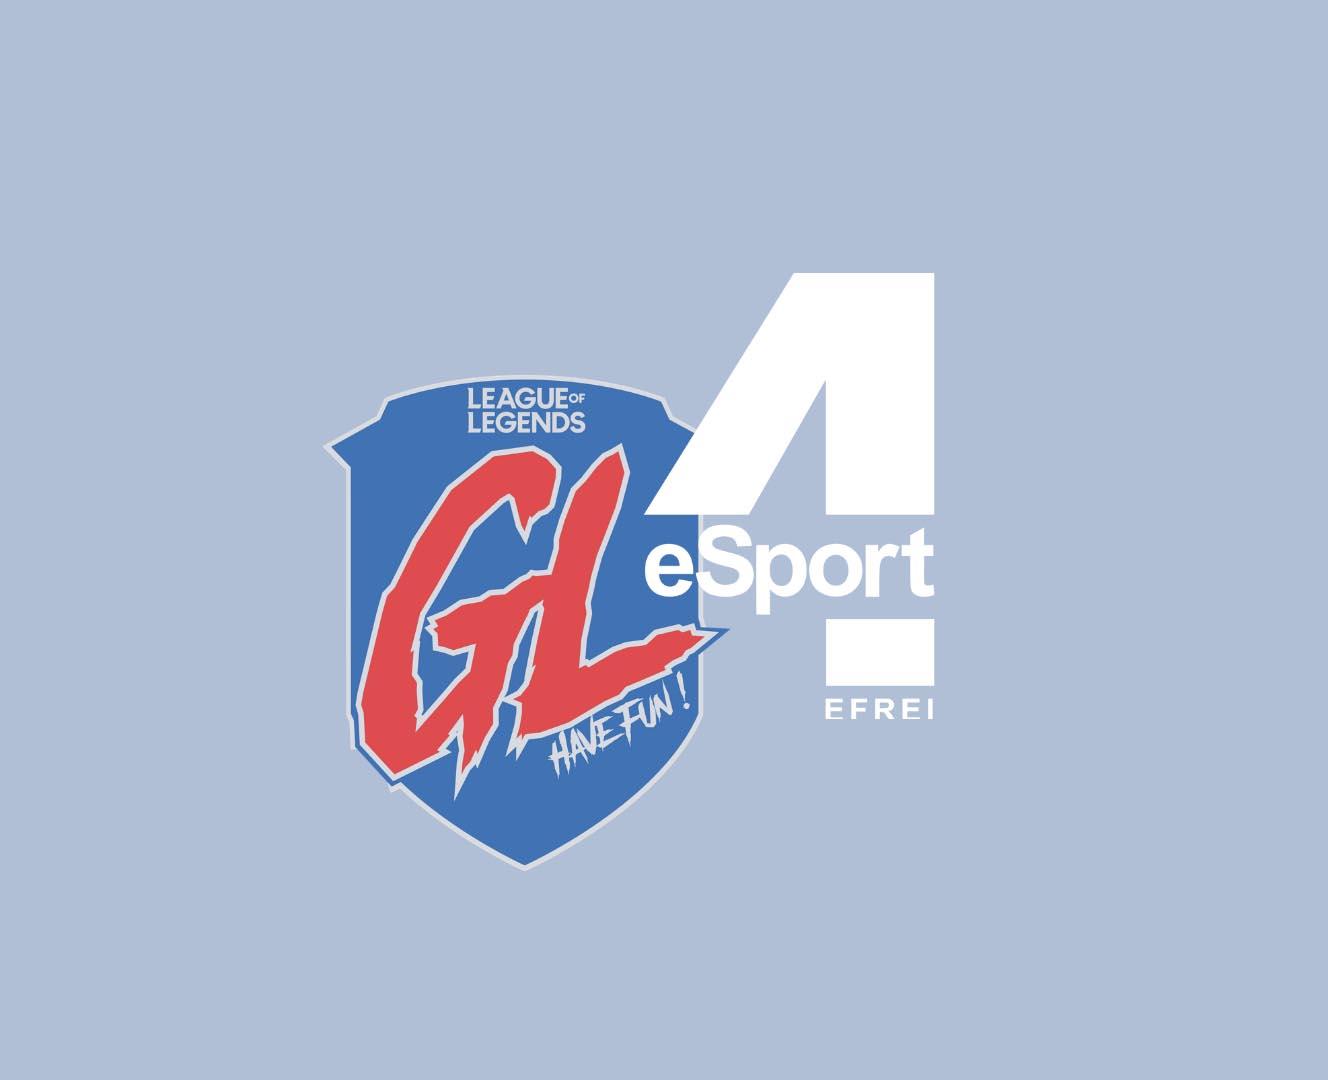 4eSport en finale de la Grosse League